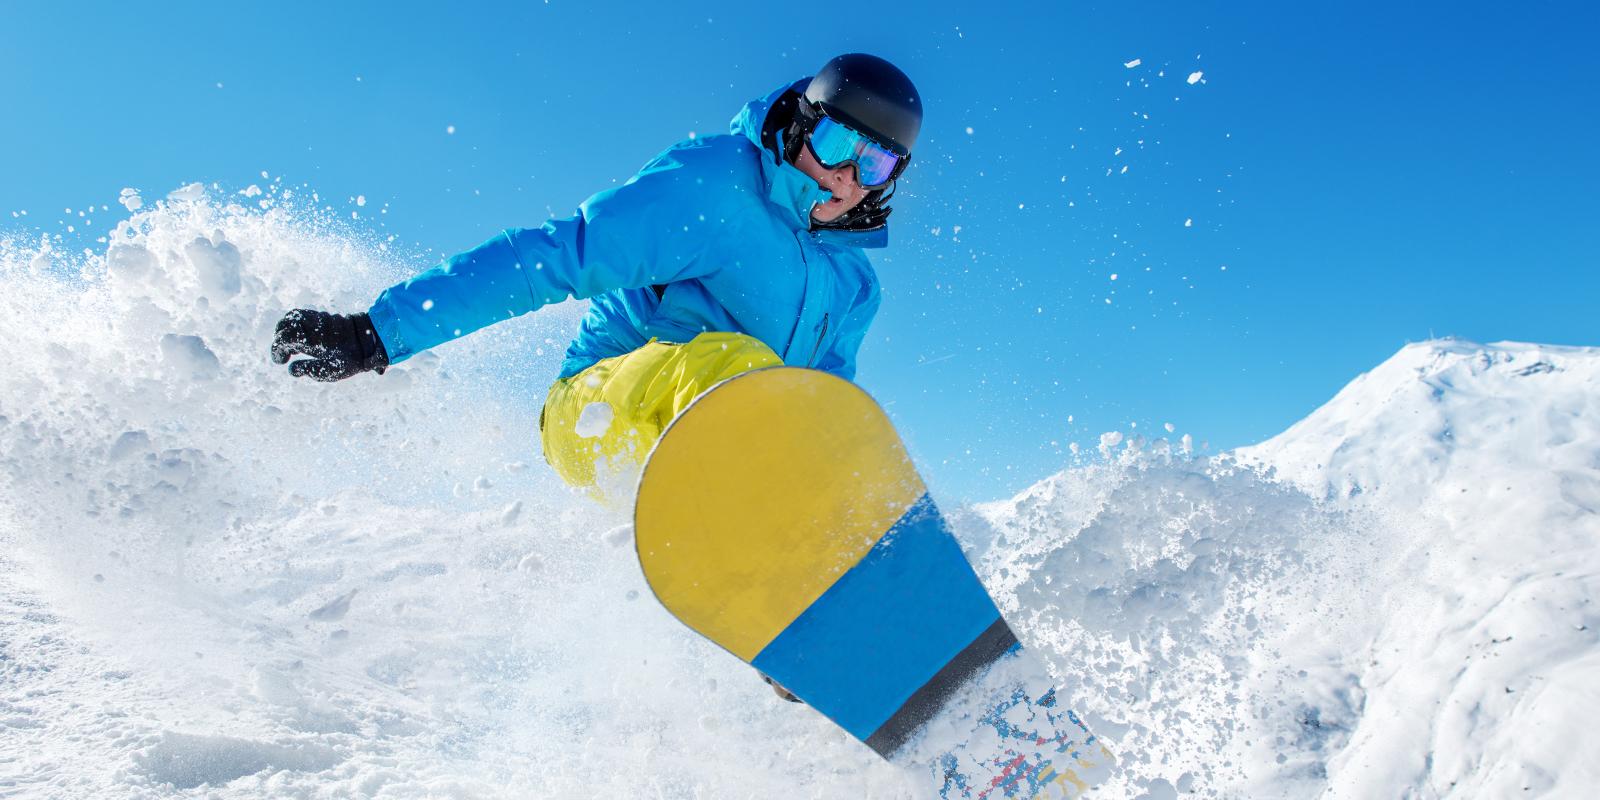 Полное снаряжение для сноубординга - брать подешевле или в кредит